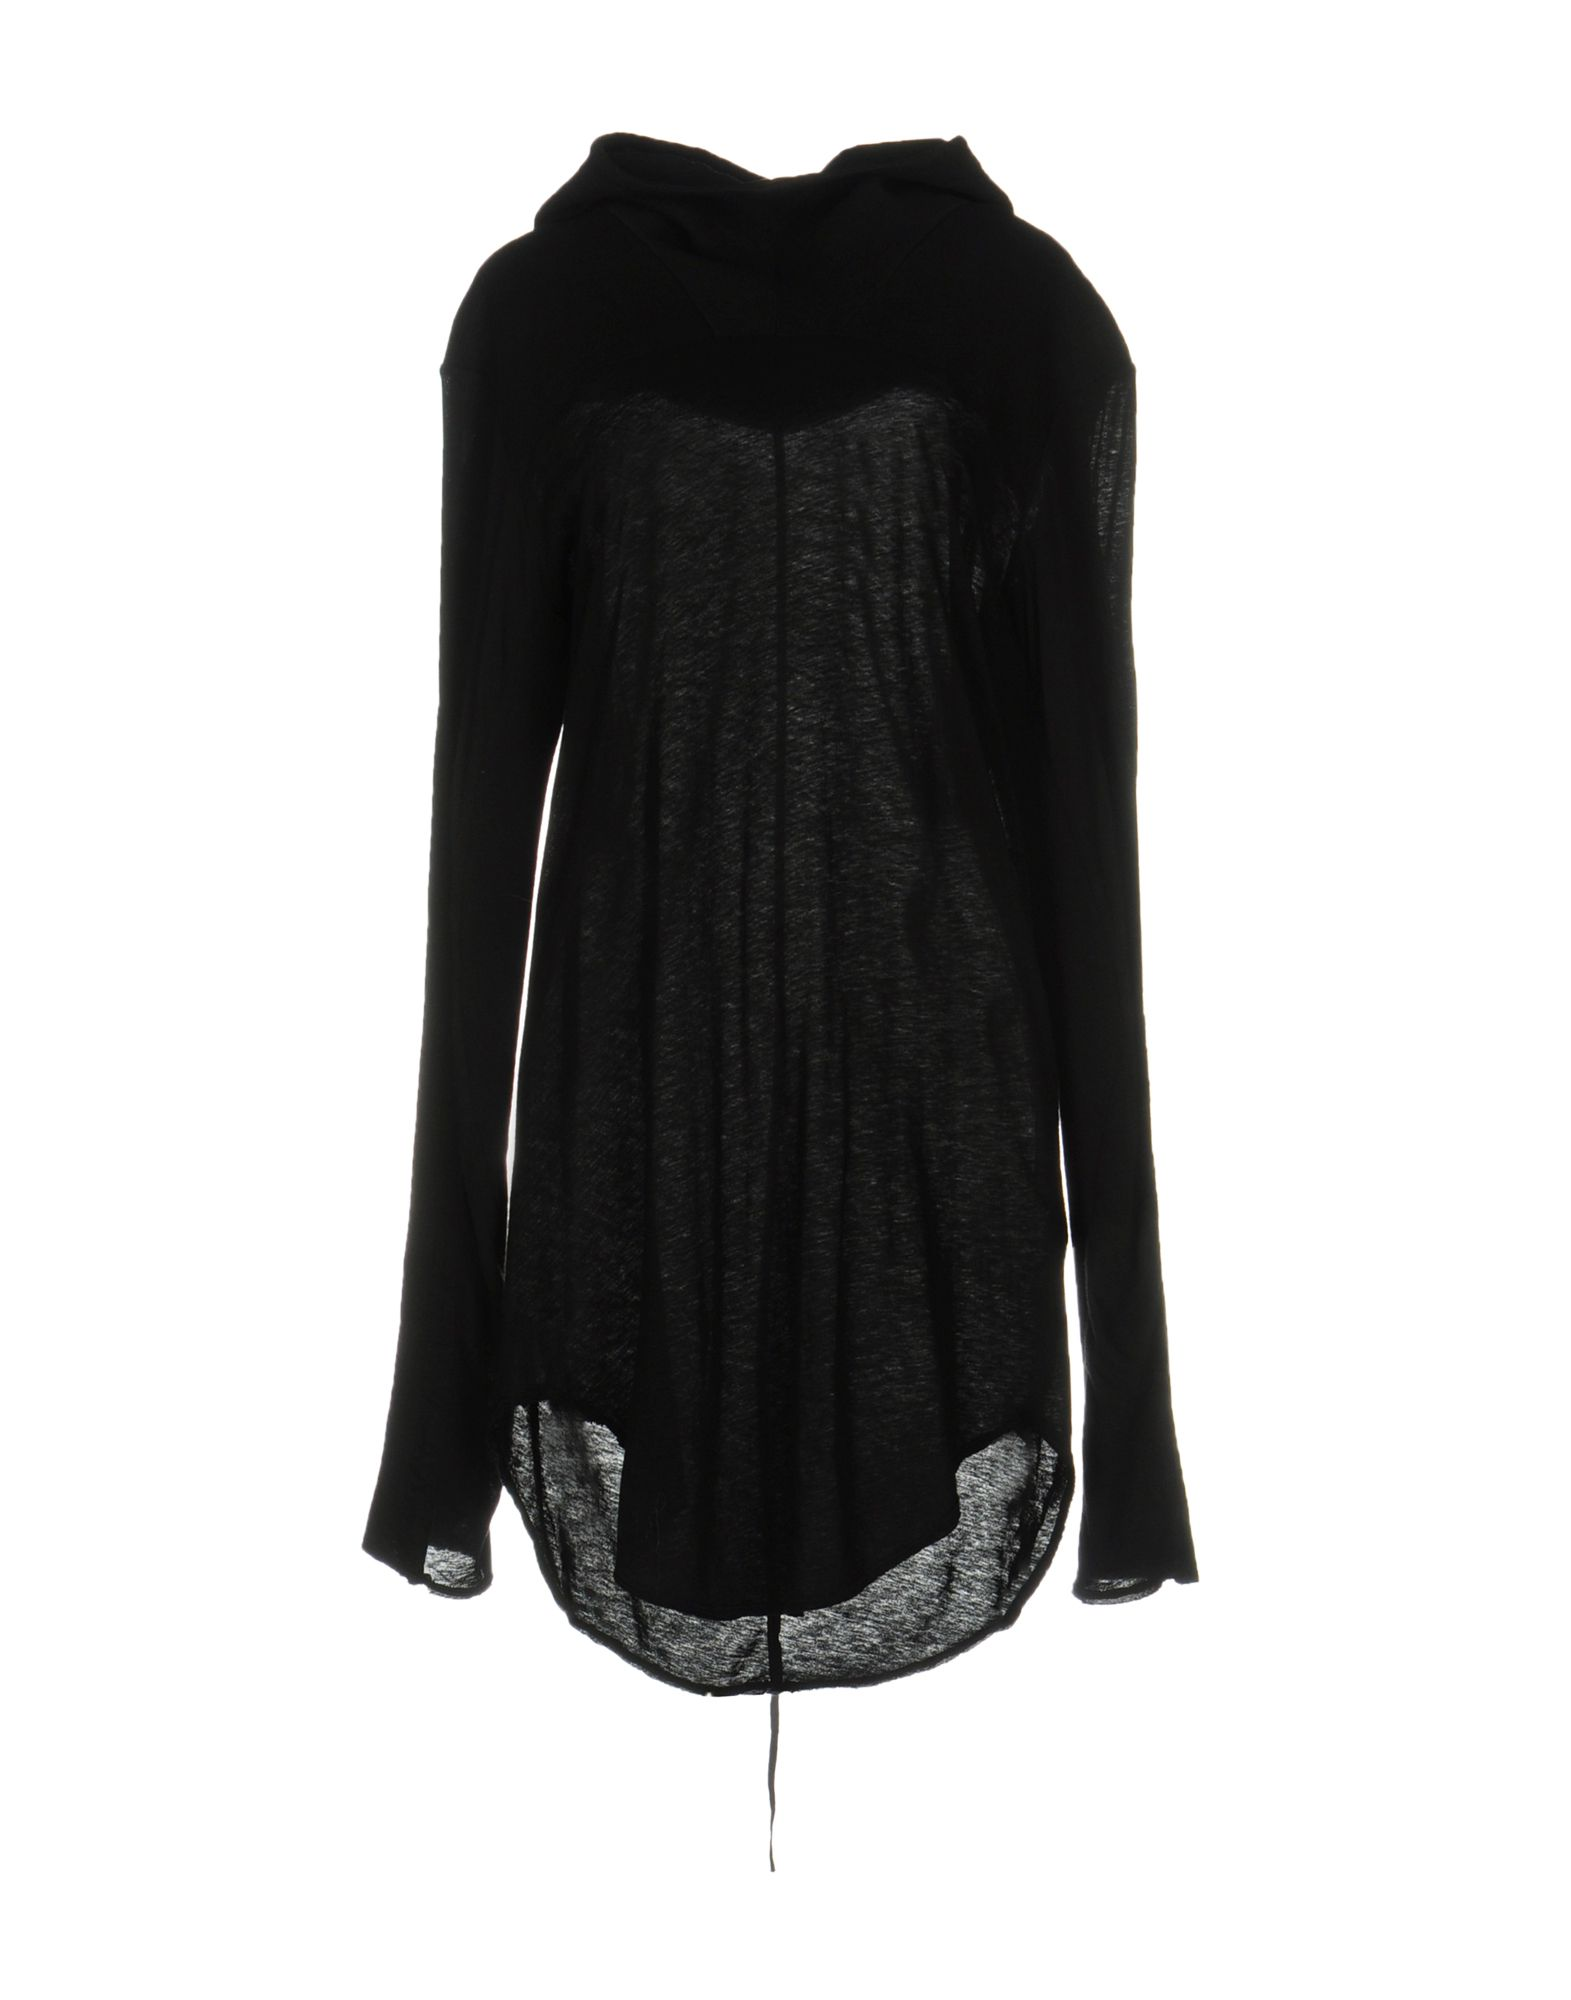 купить LOST & FOUND Короткое платье дешево